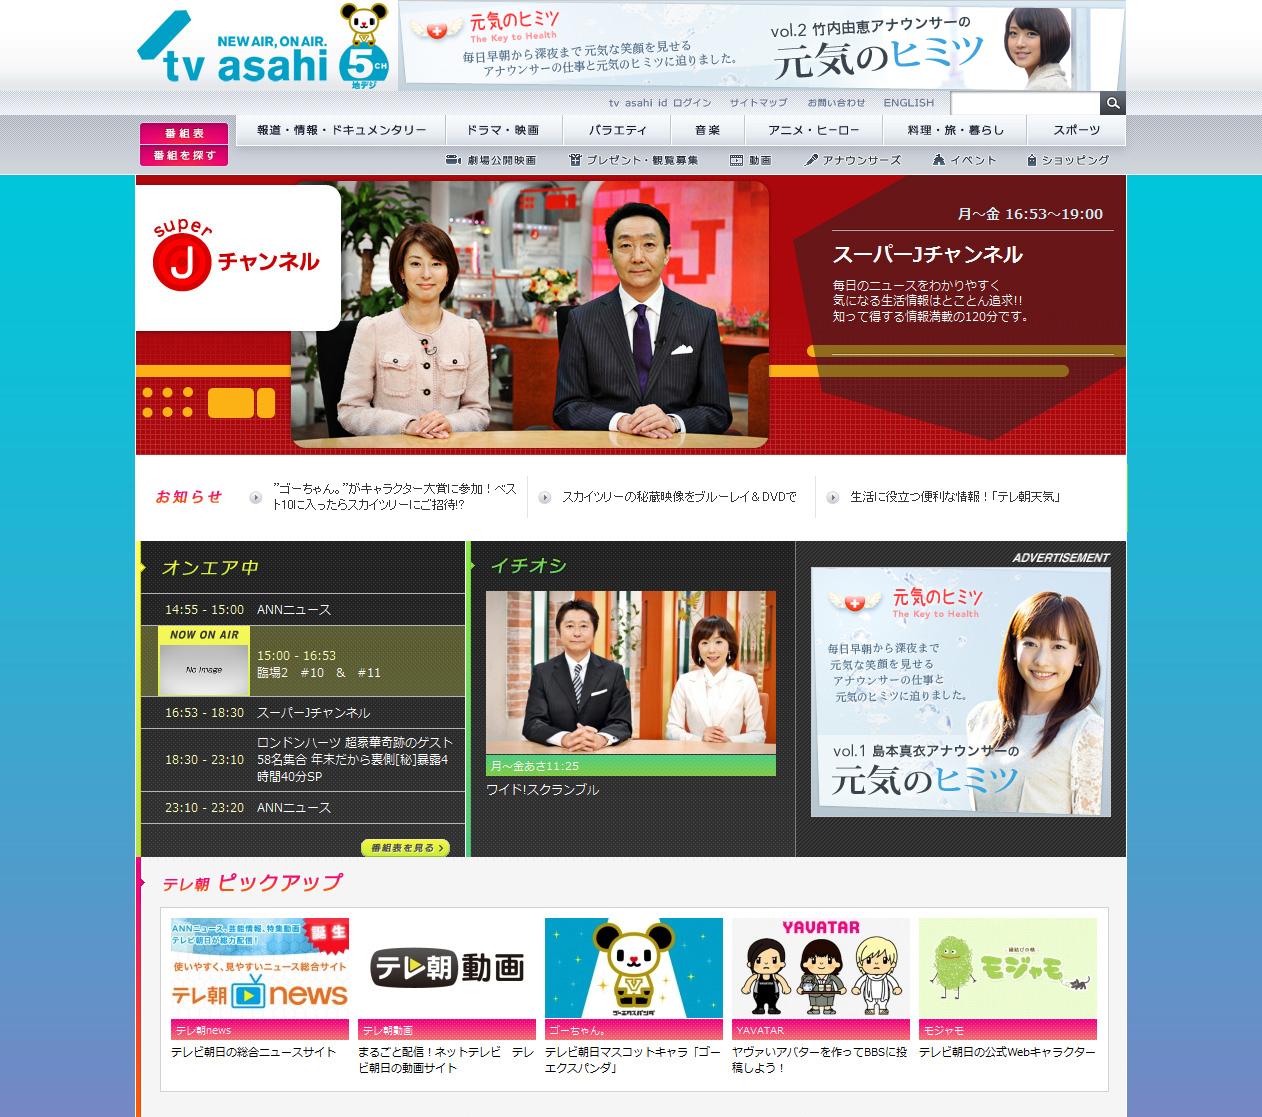 トップページ(tv-asahi.co.jp)